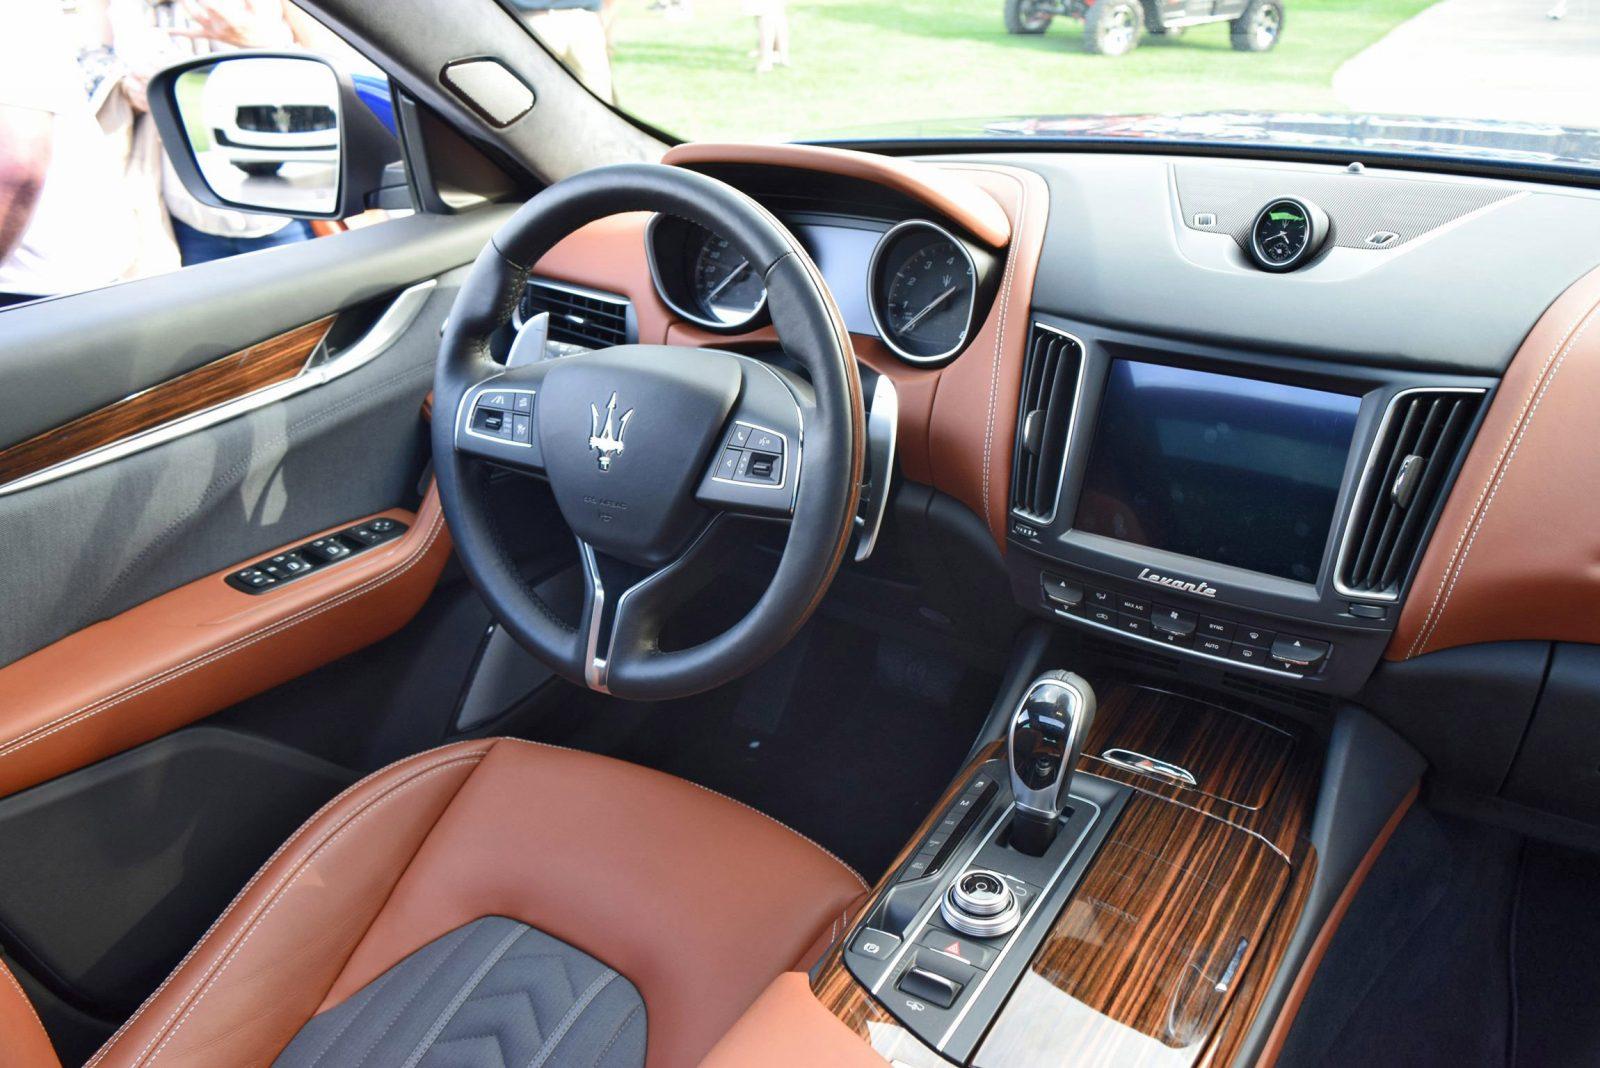 2017 Maserati LEVANTE 19 copy